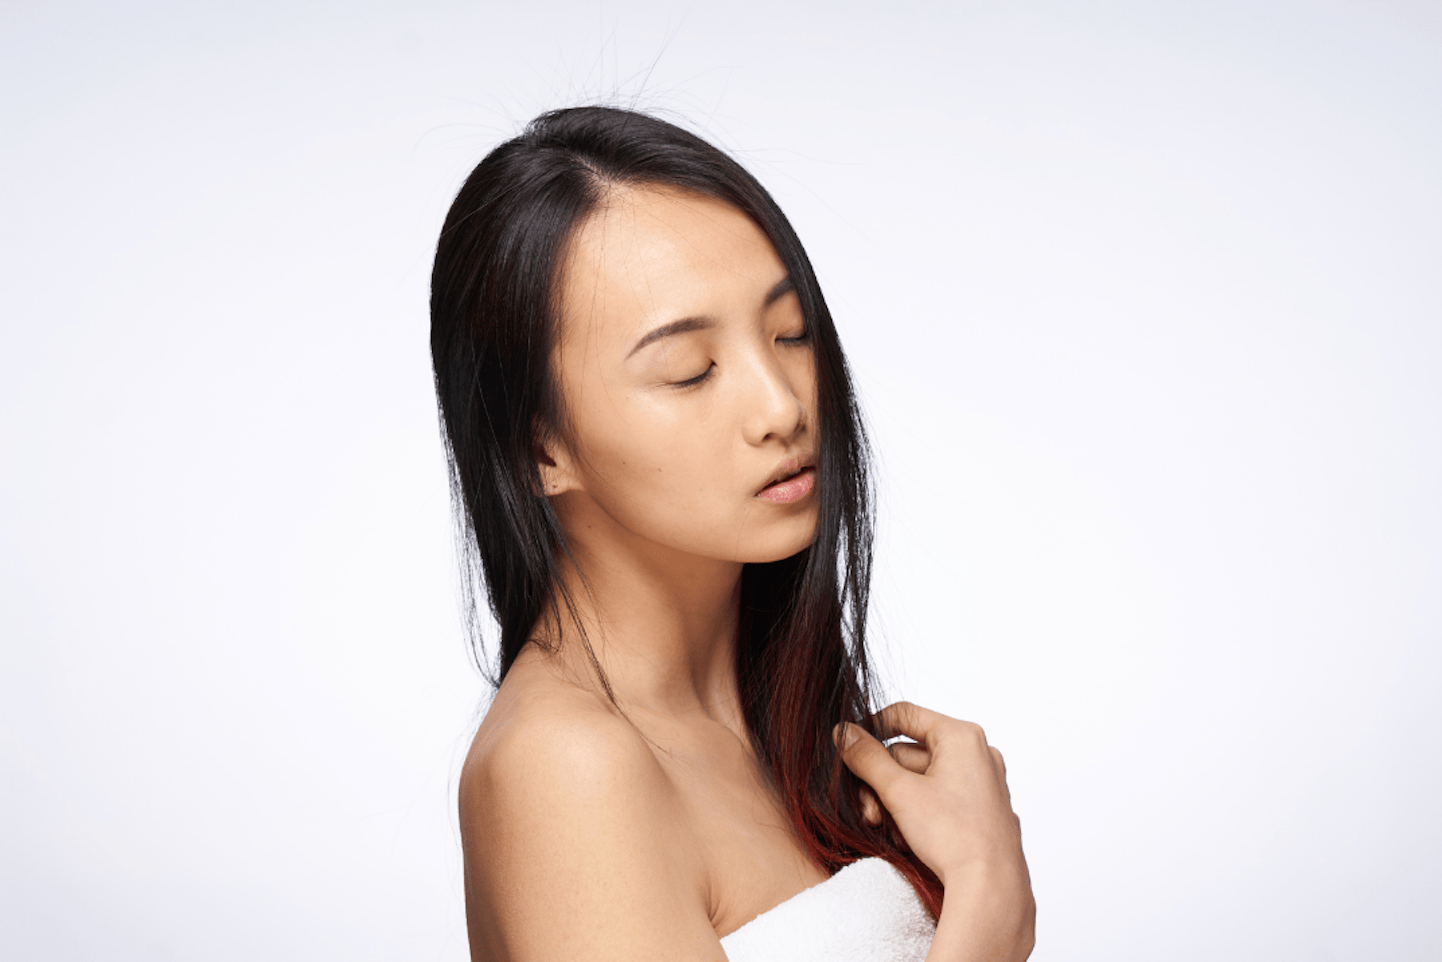 How to treat keratosis pilaris?